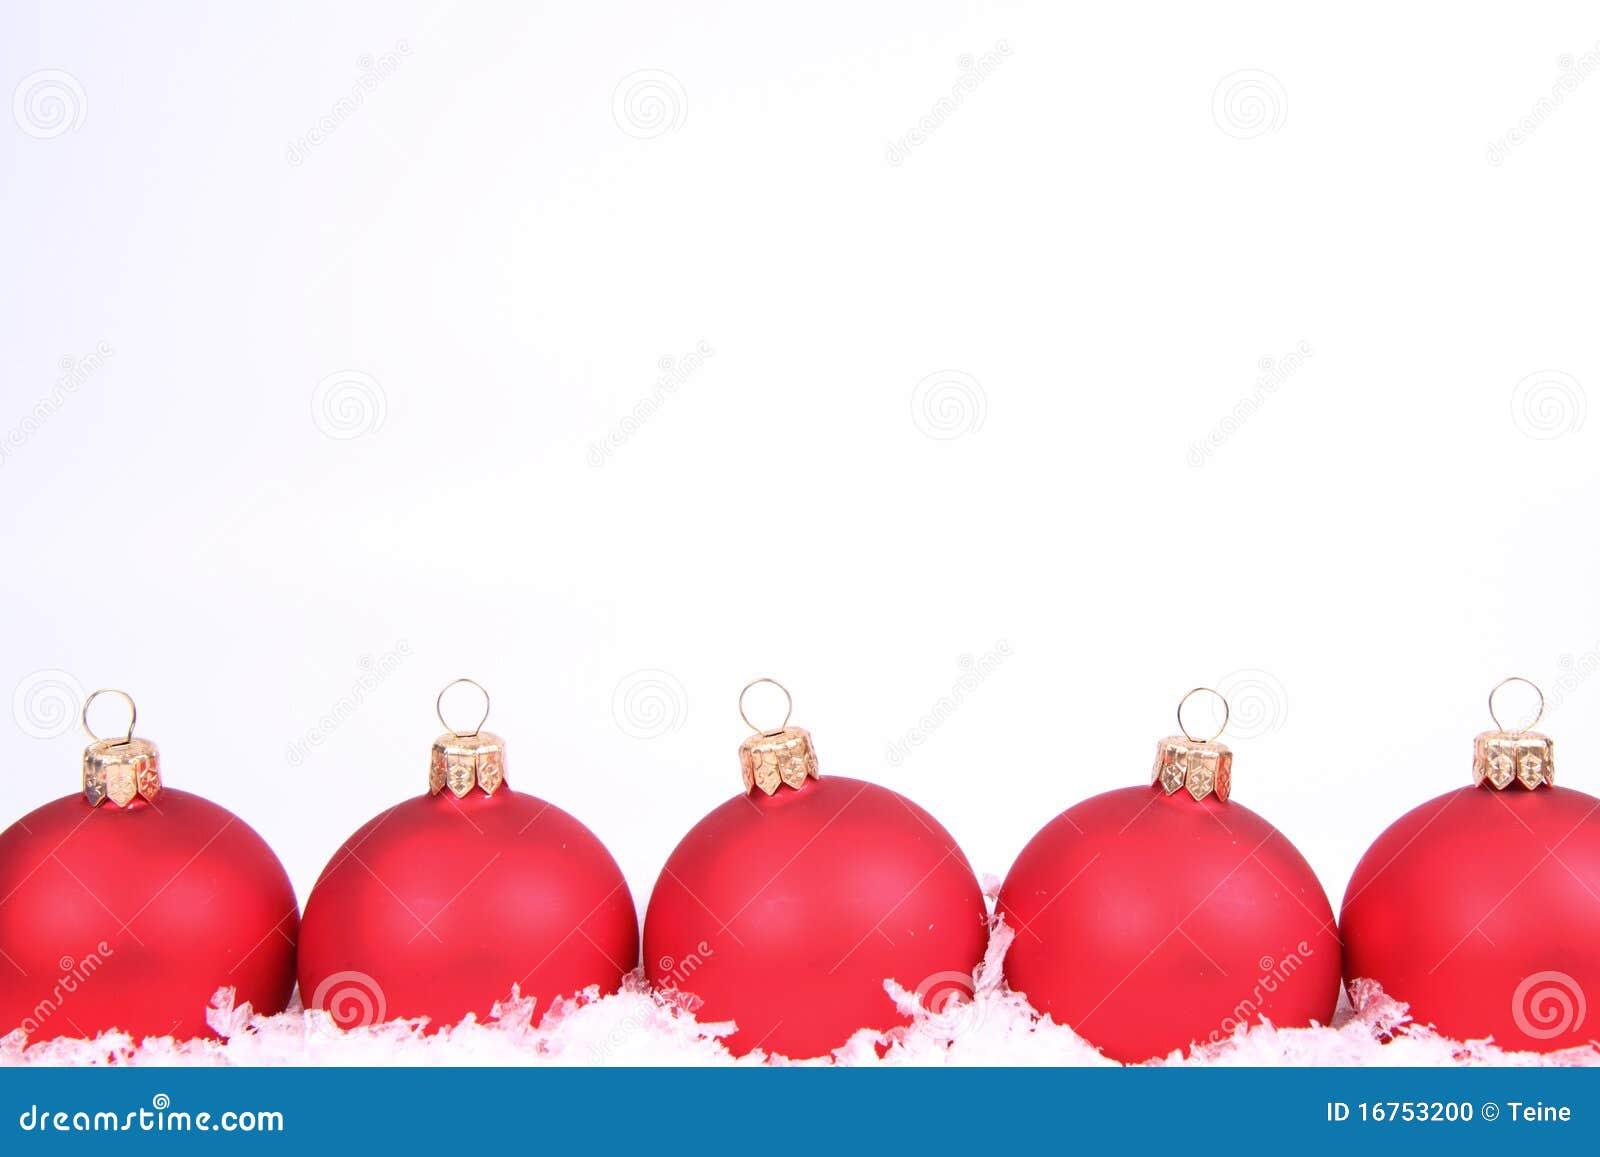 Weihnachtskugeln und schneehintergrund stockfoto bild for Weihnachtskugeln bilder